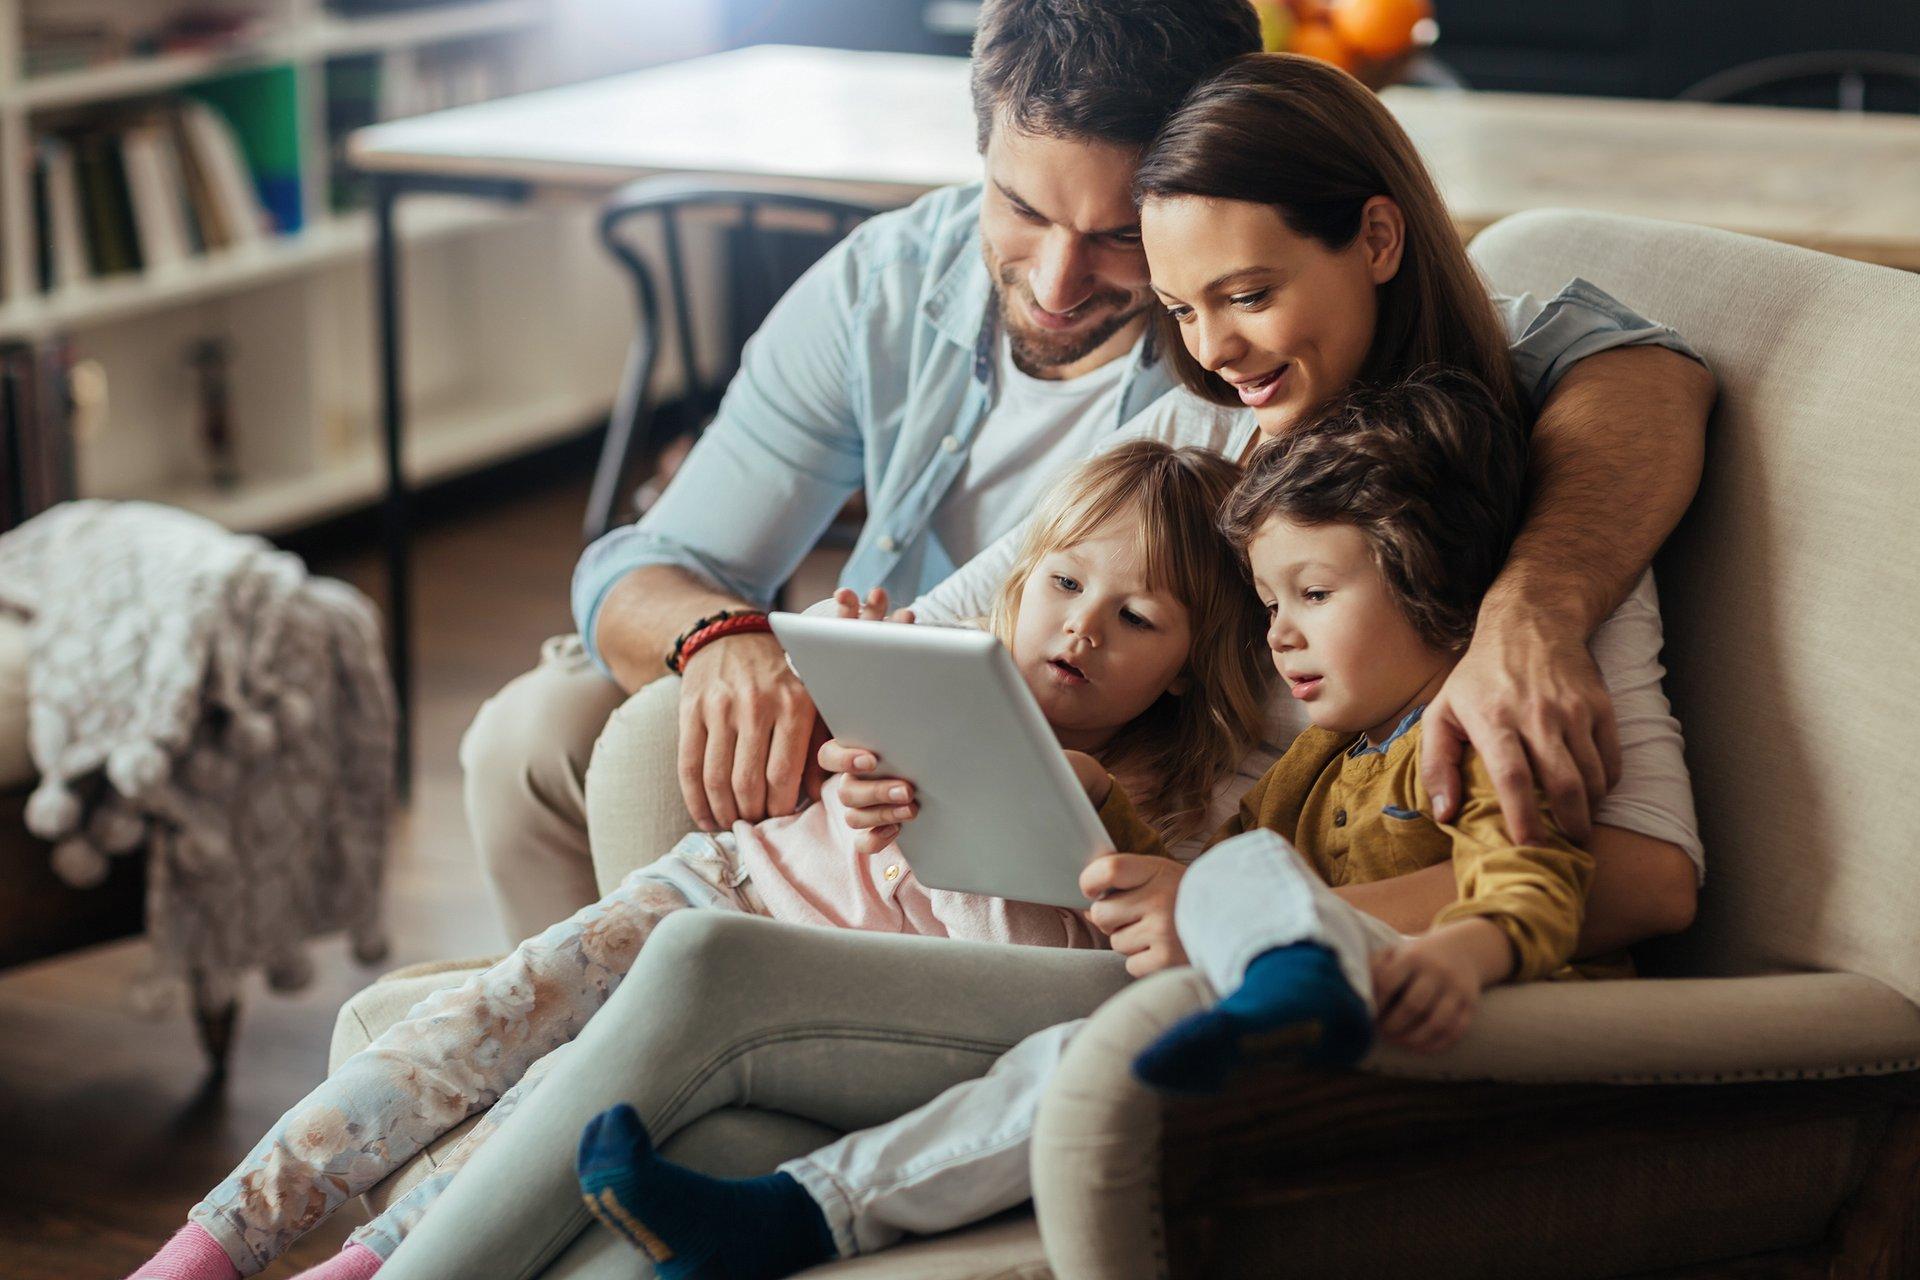 Coraz lepiej planujemy wydatki. Dzieci motywują nas do oszczędzania.